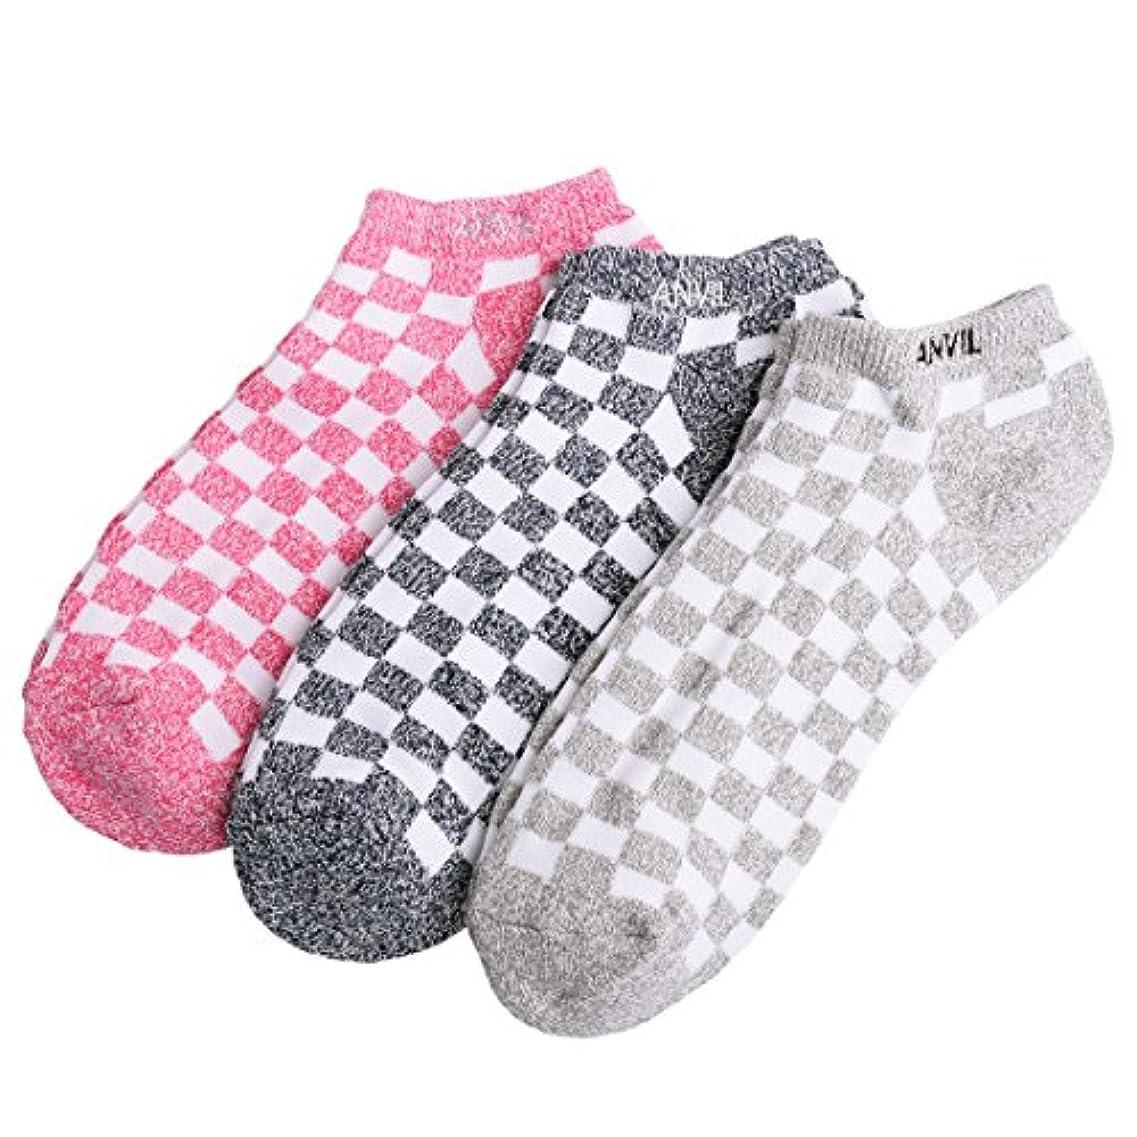 アルファベット要求する論争的(アンヴィル) anvil アンビル スニーカーソックス 靴下 メンズ 3足セット くるぶし 踝 ショート 杢 チェック ボーダー 2237 5445 9634 9962